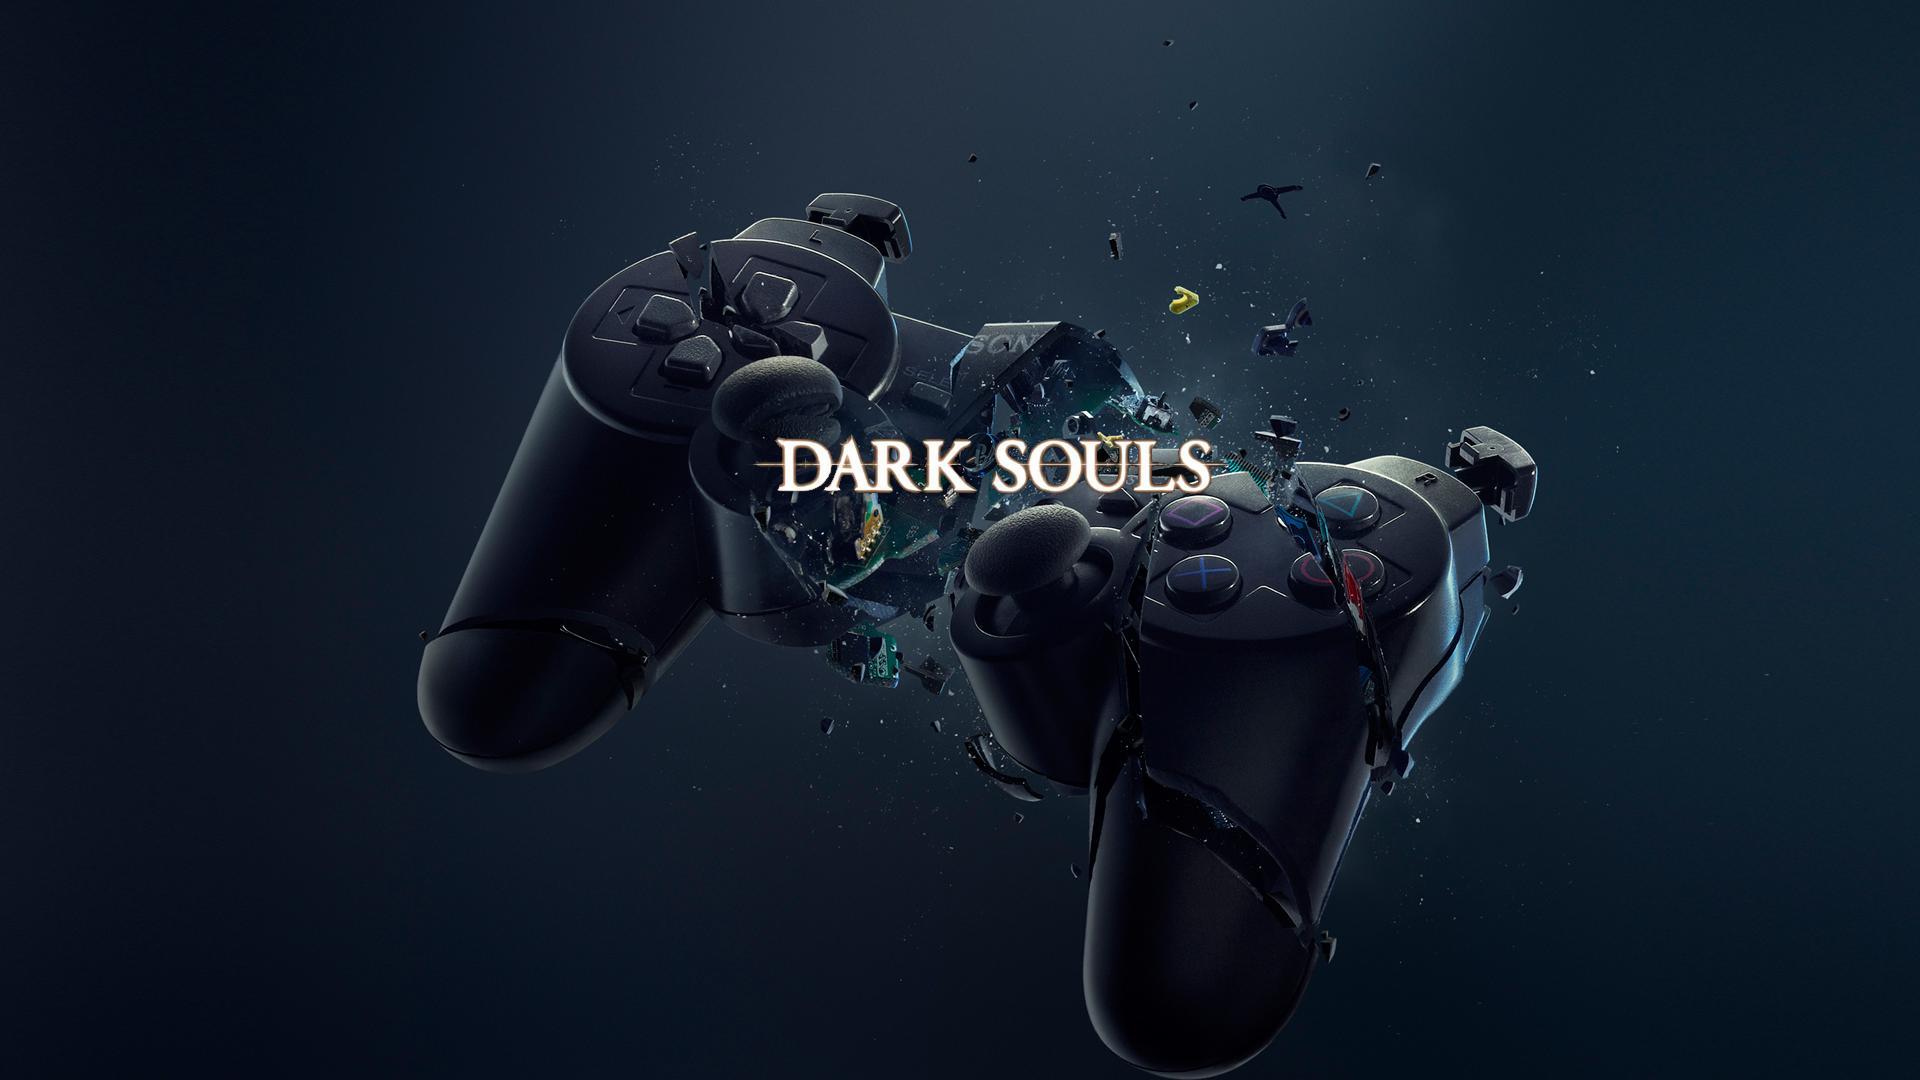 Dark Souls Wallpapers 1920x1080